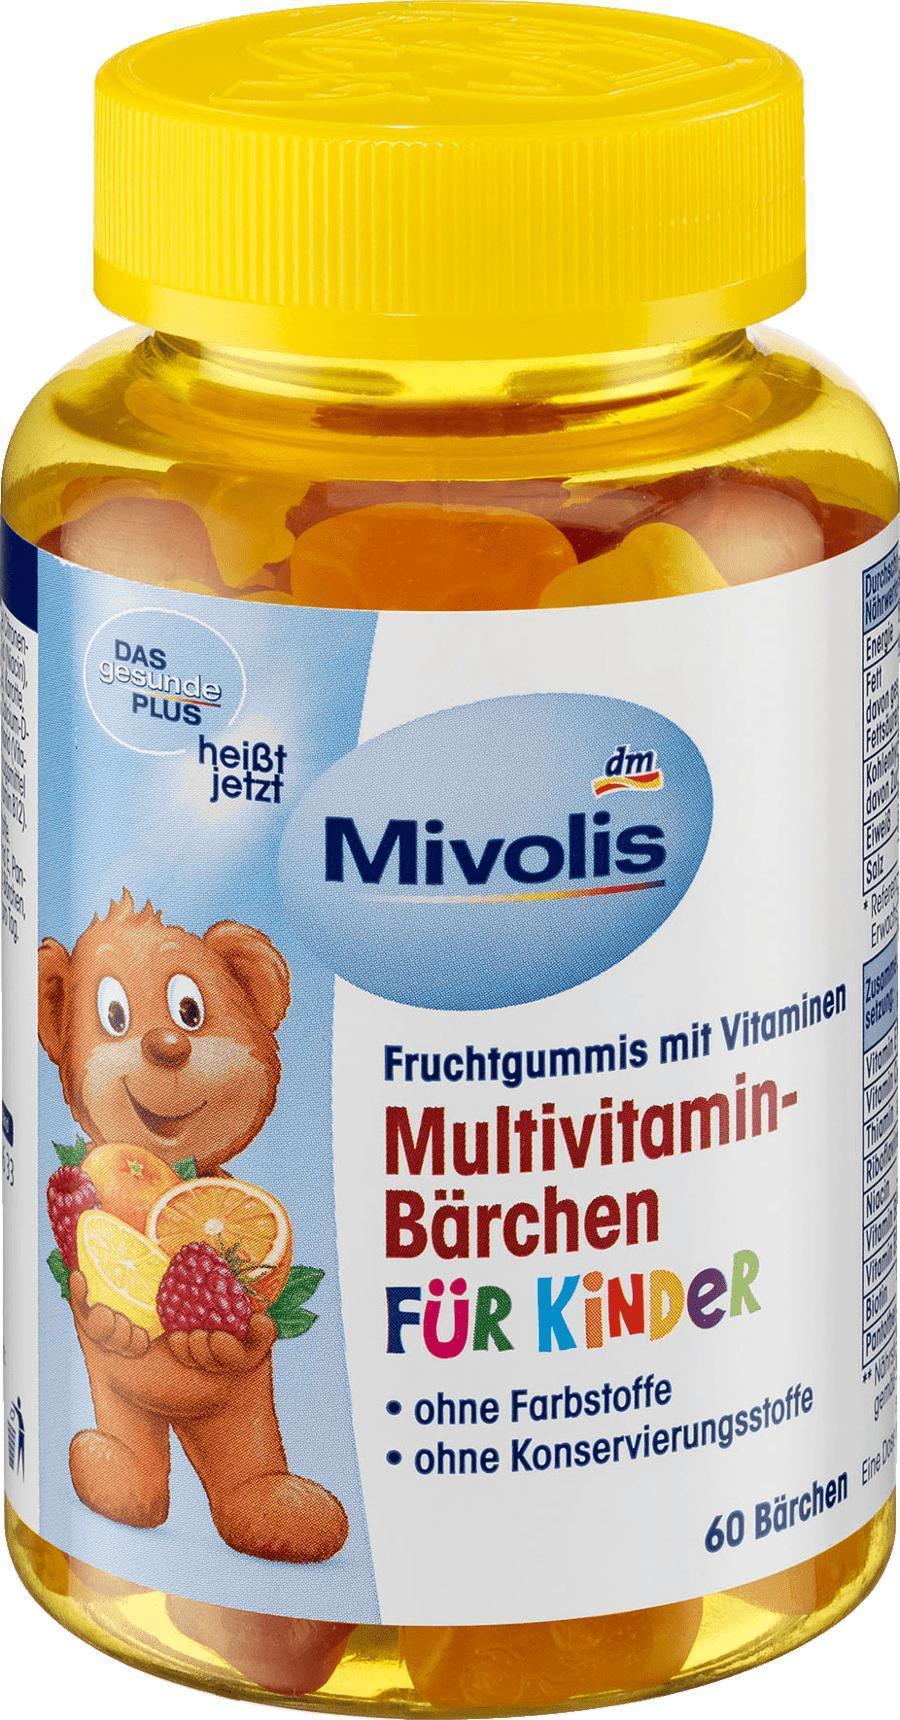 Отзыв на Multivitamin-Bärchen für Kinder, Fruchtgummis, 120 g из Интернет-Магазина DM